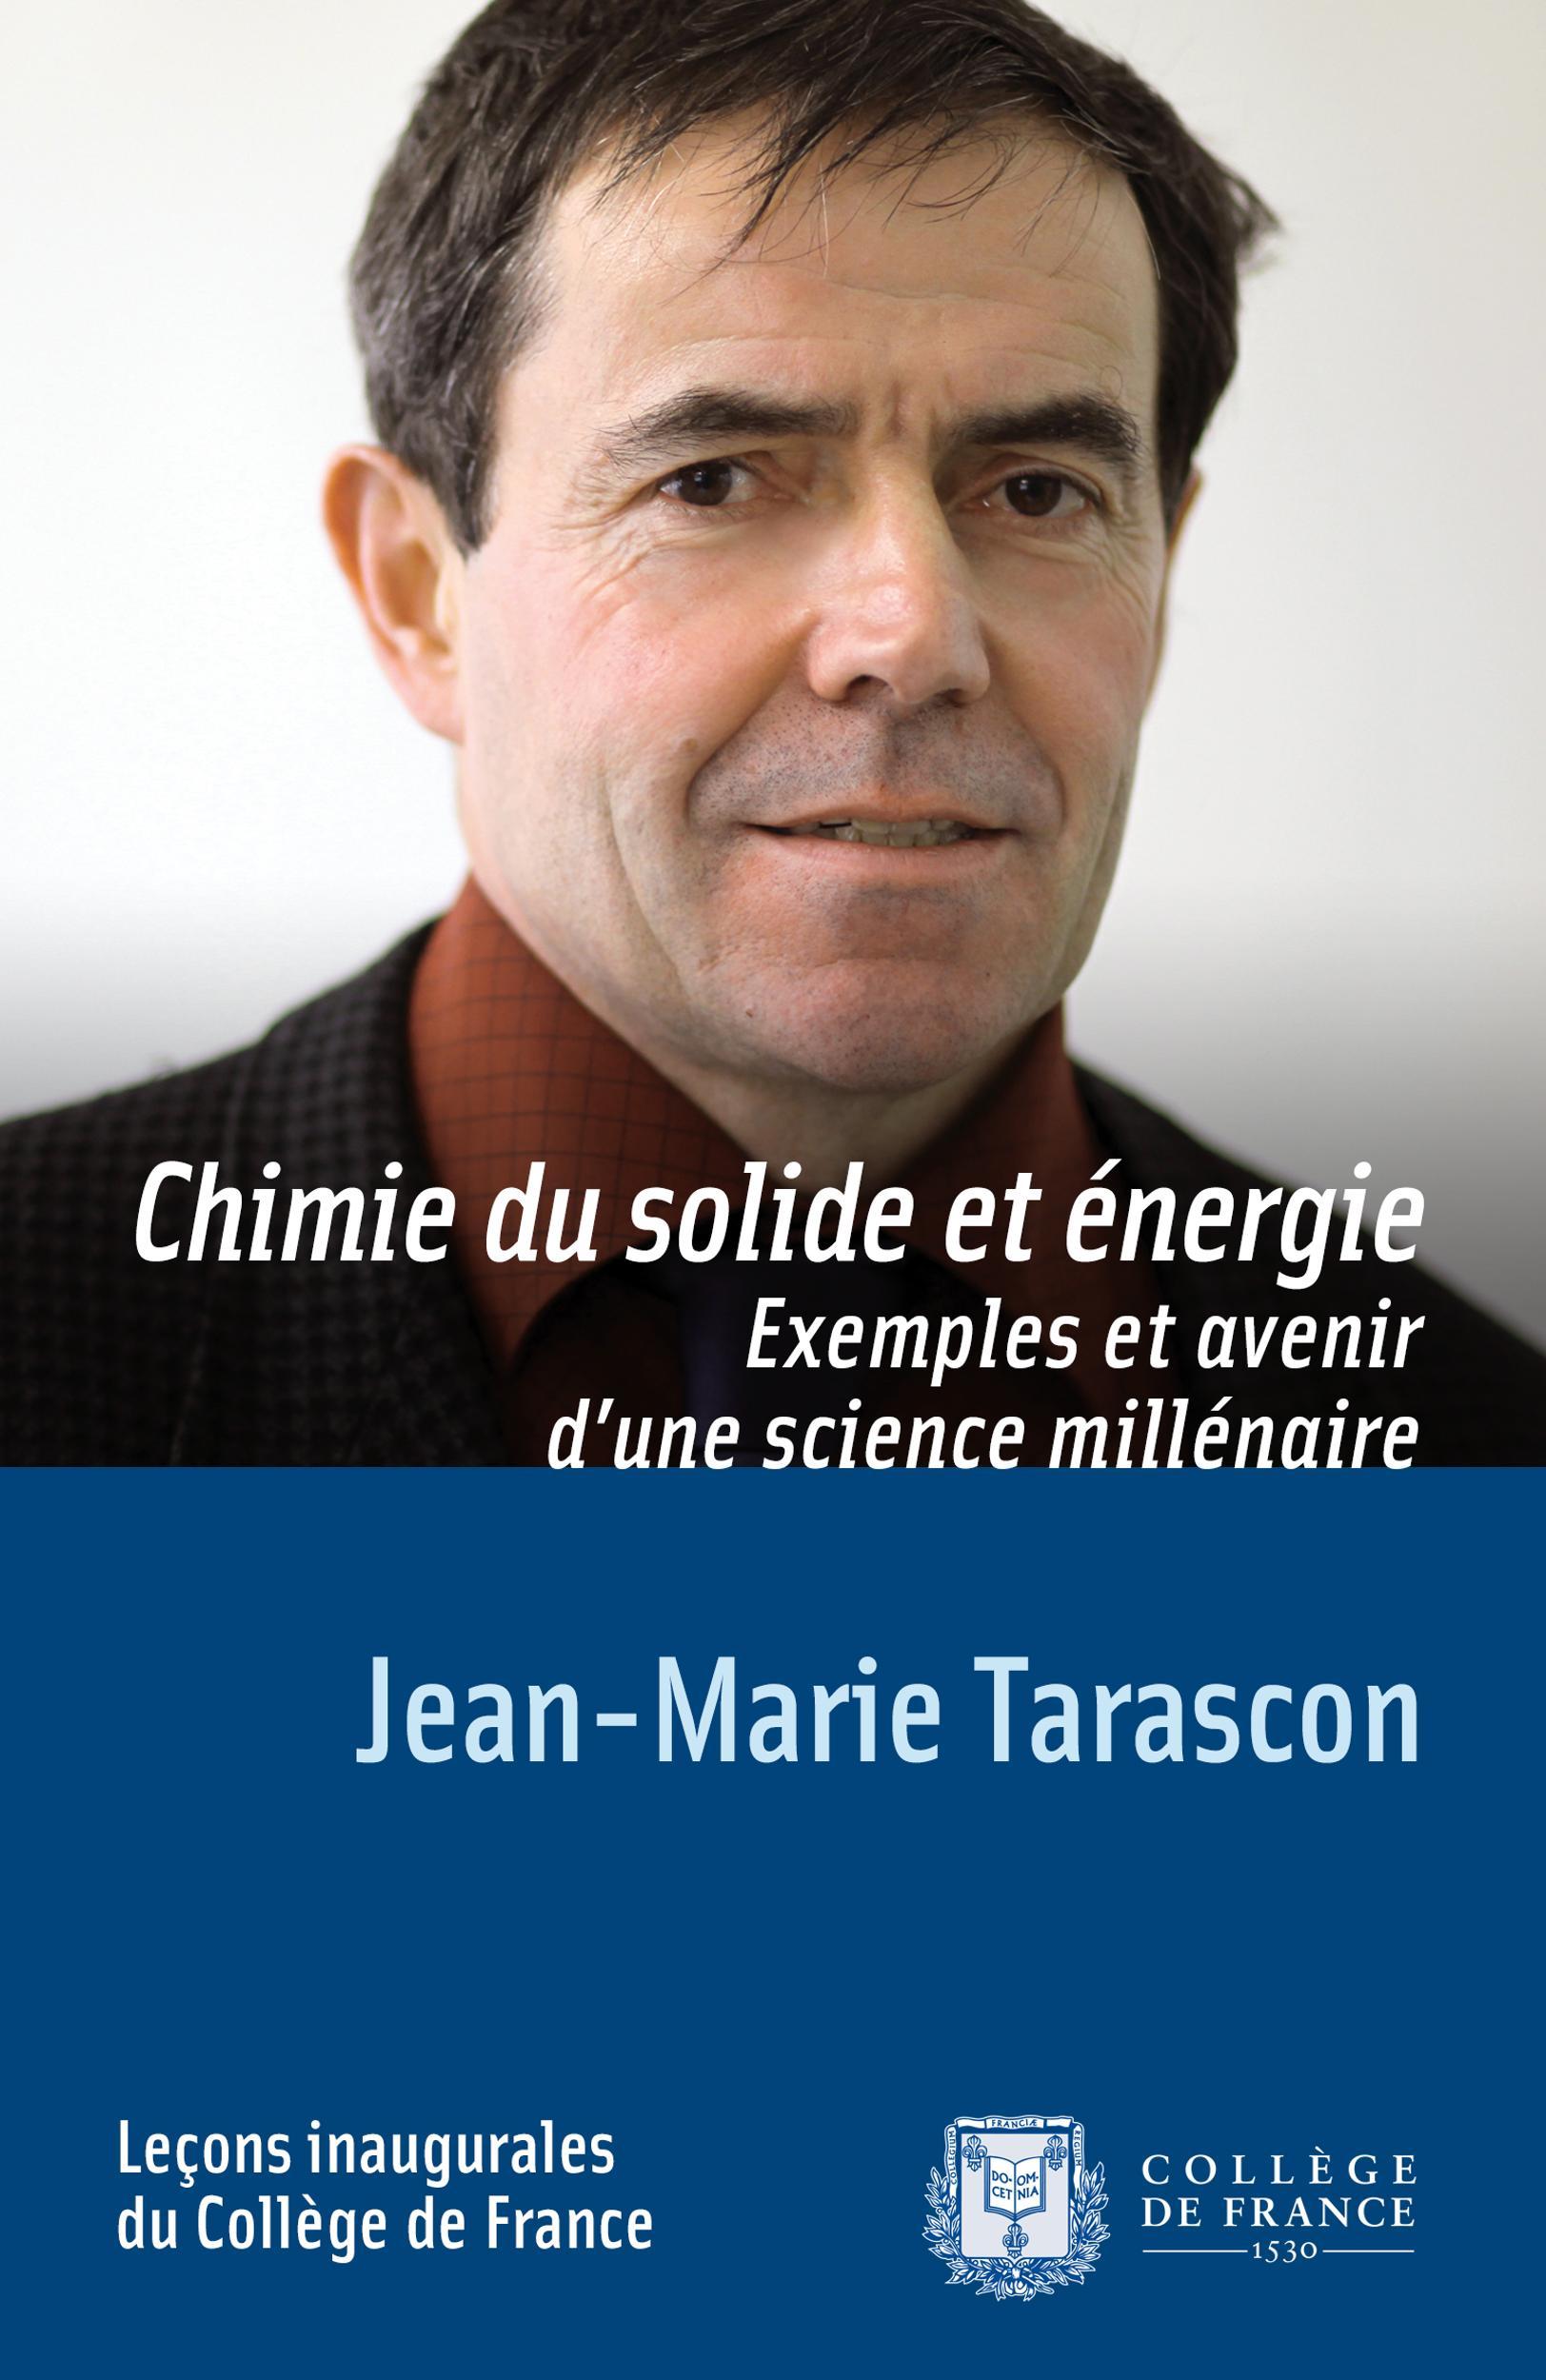 Chimie du solide et énergie. Exemples et avenir d'une science millénaire, LEÇON INAUGURALE PRONONCÉE LE JEUDI 23JANVIER2014